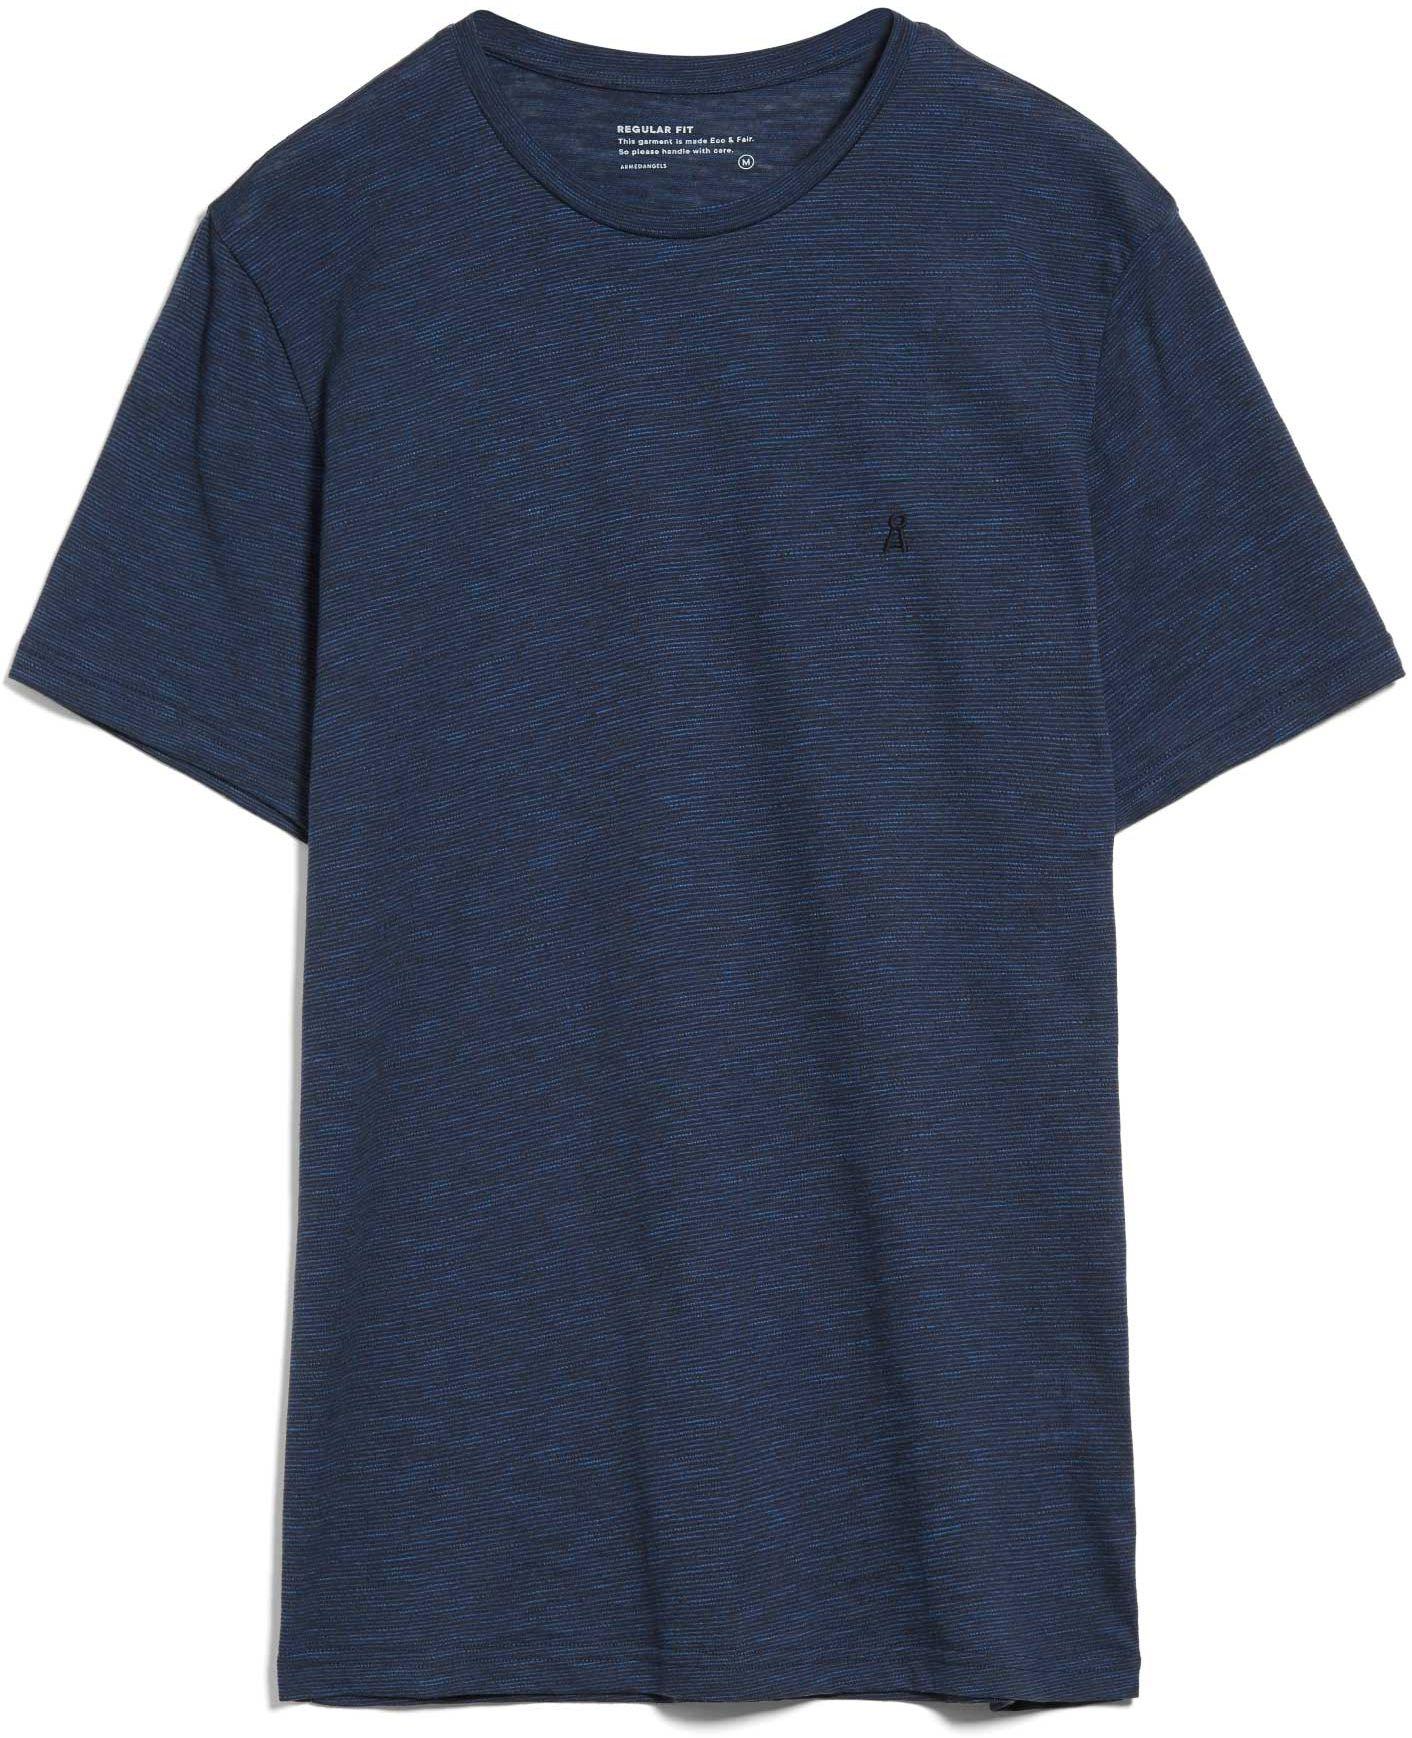 Herren-Shirt JAAMES STRUCTURE depth navy/ marazine blue